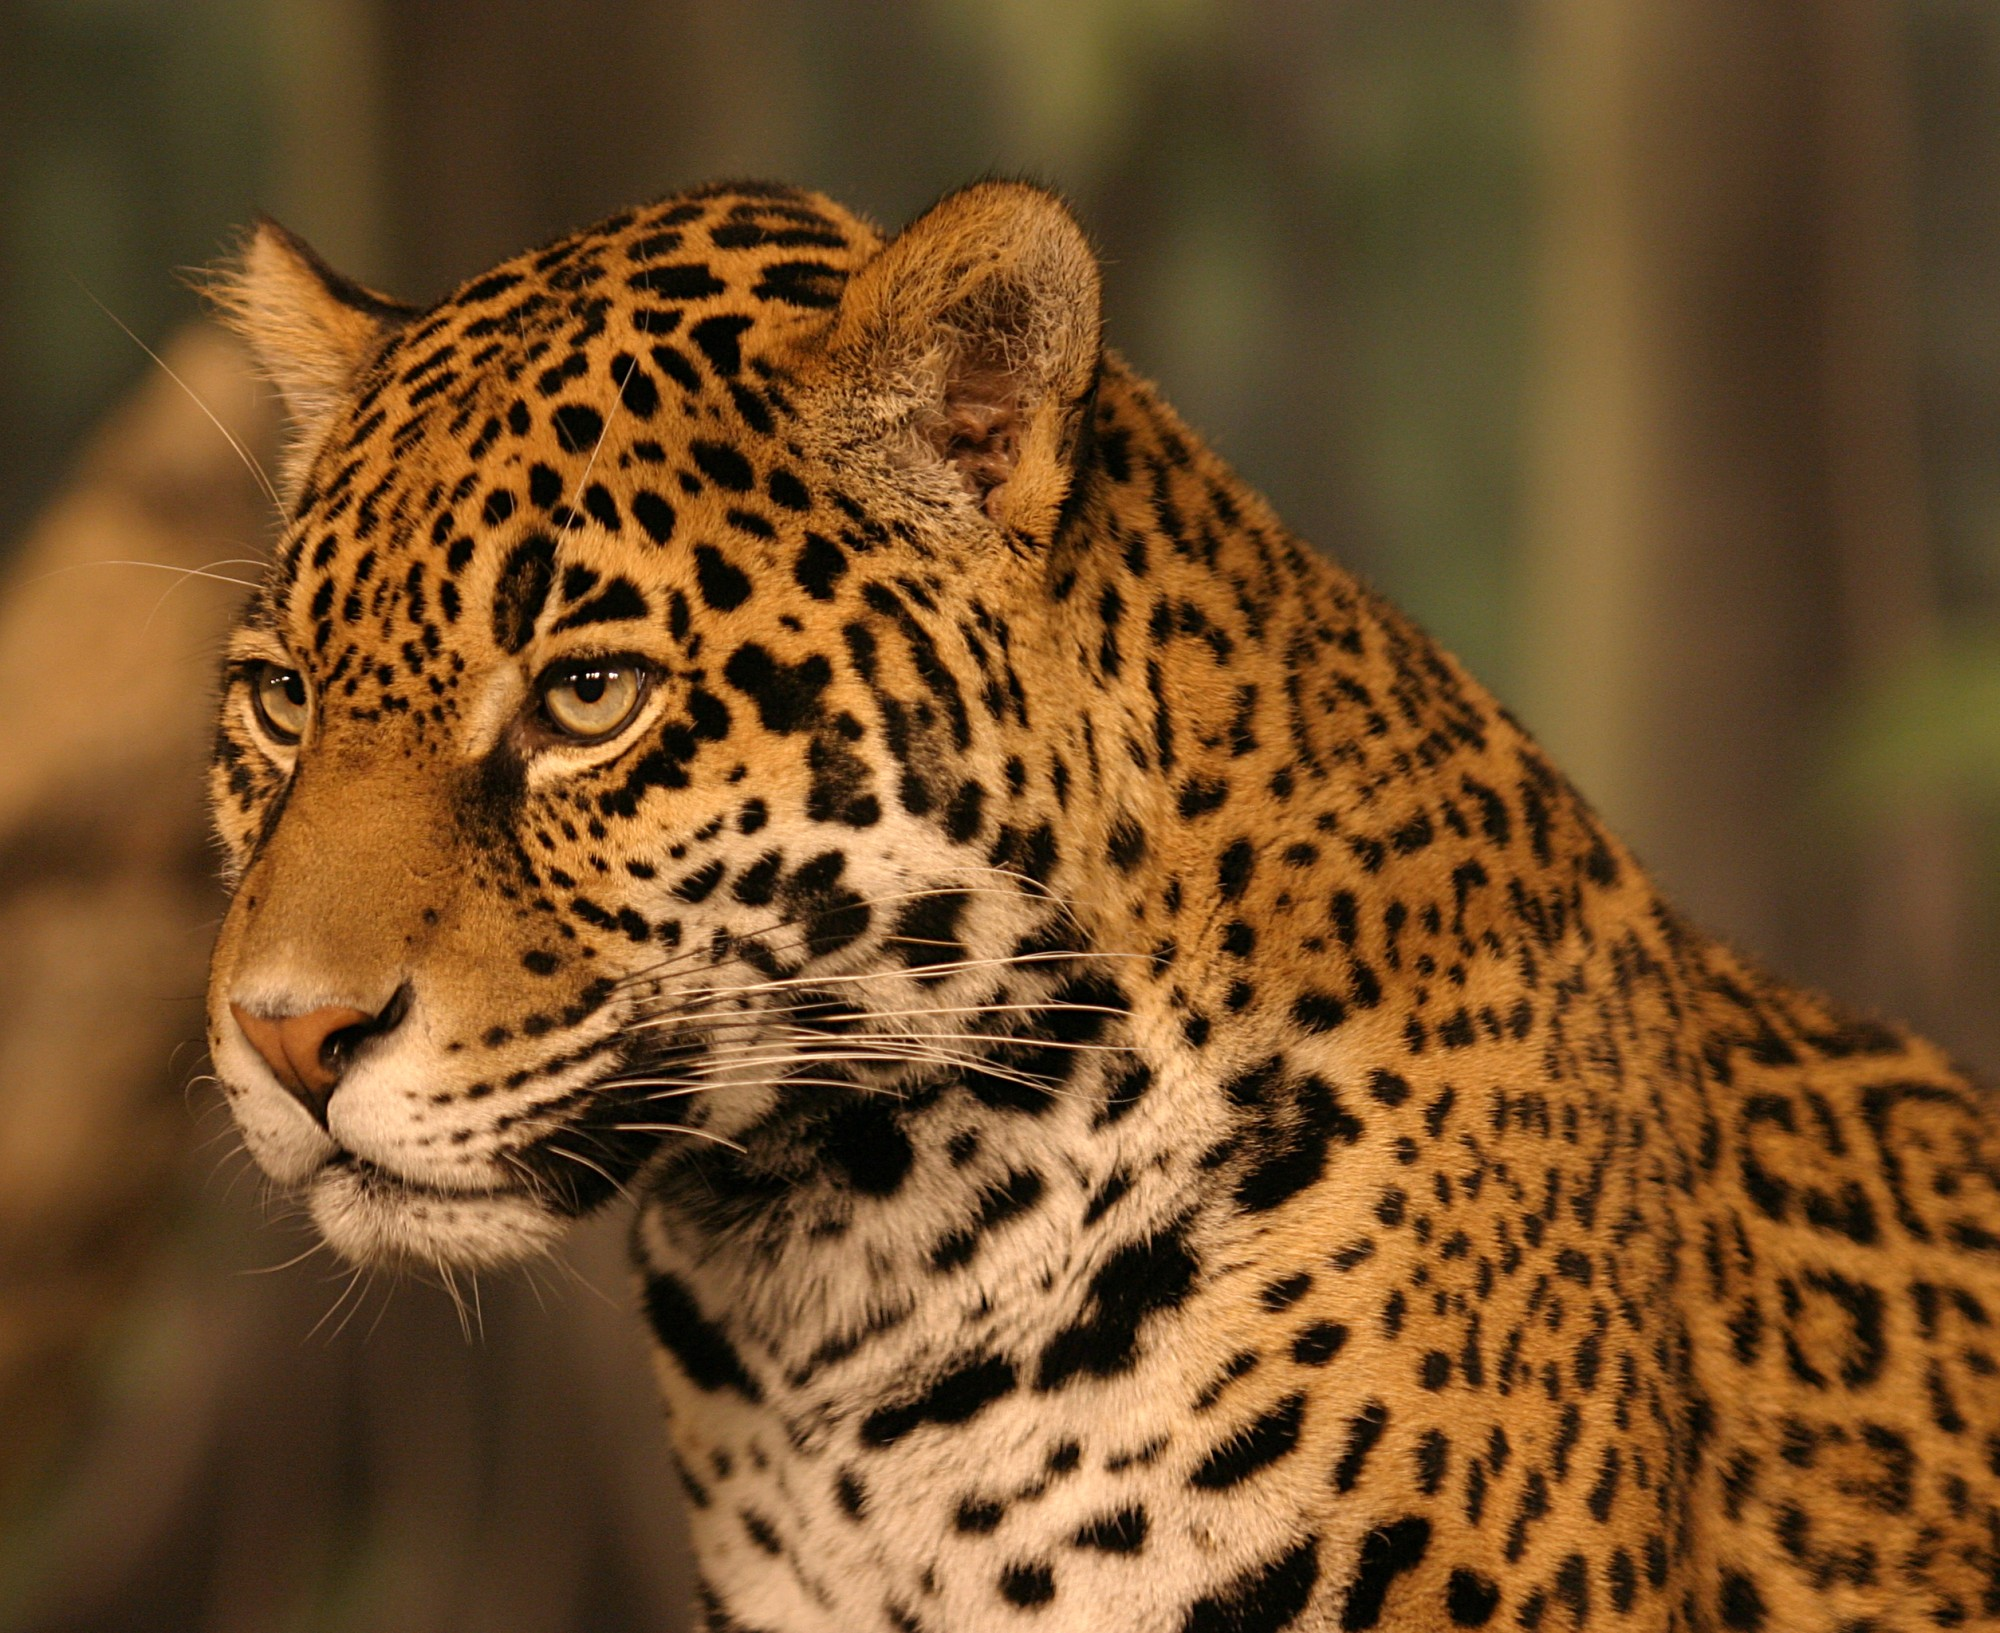 حیوانات ، عکس حیوانات ، عکس های حیوانات ، عکس های زیبای حیوانات ، مدل نقاشی از حیوانات ، نقاشی از حیوانات ، مدل نقاشی ، پلنگ ، عکس پلنگ